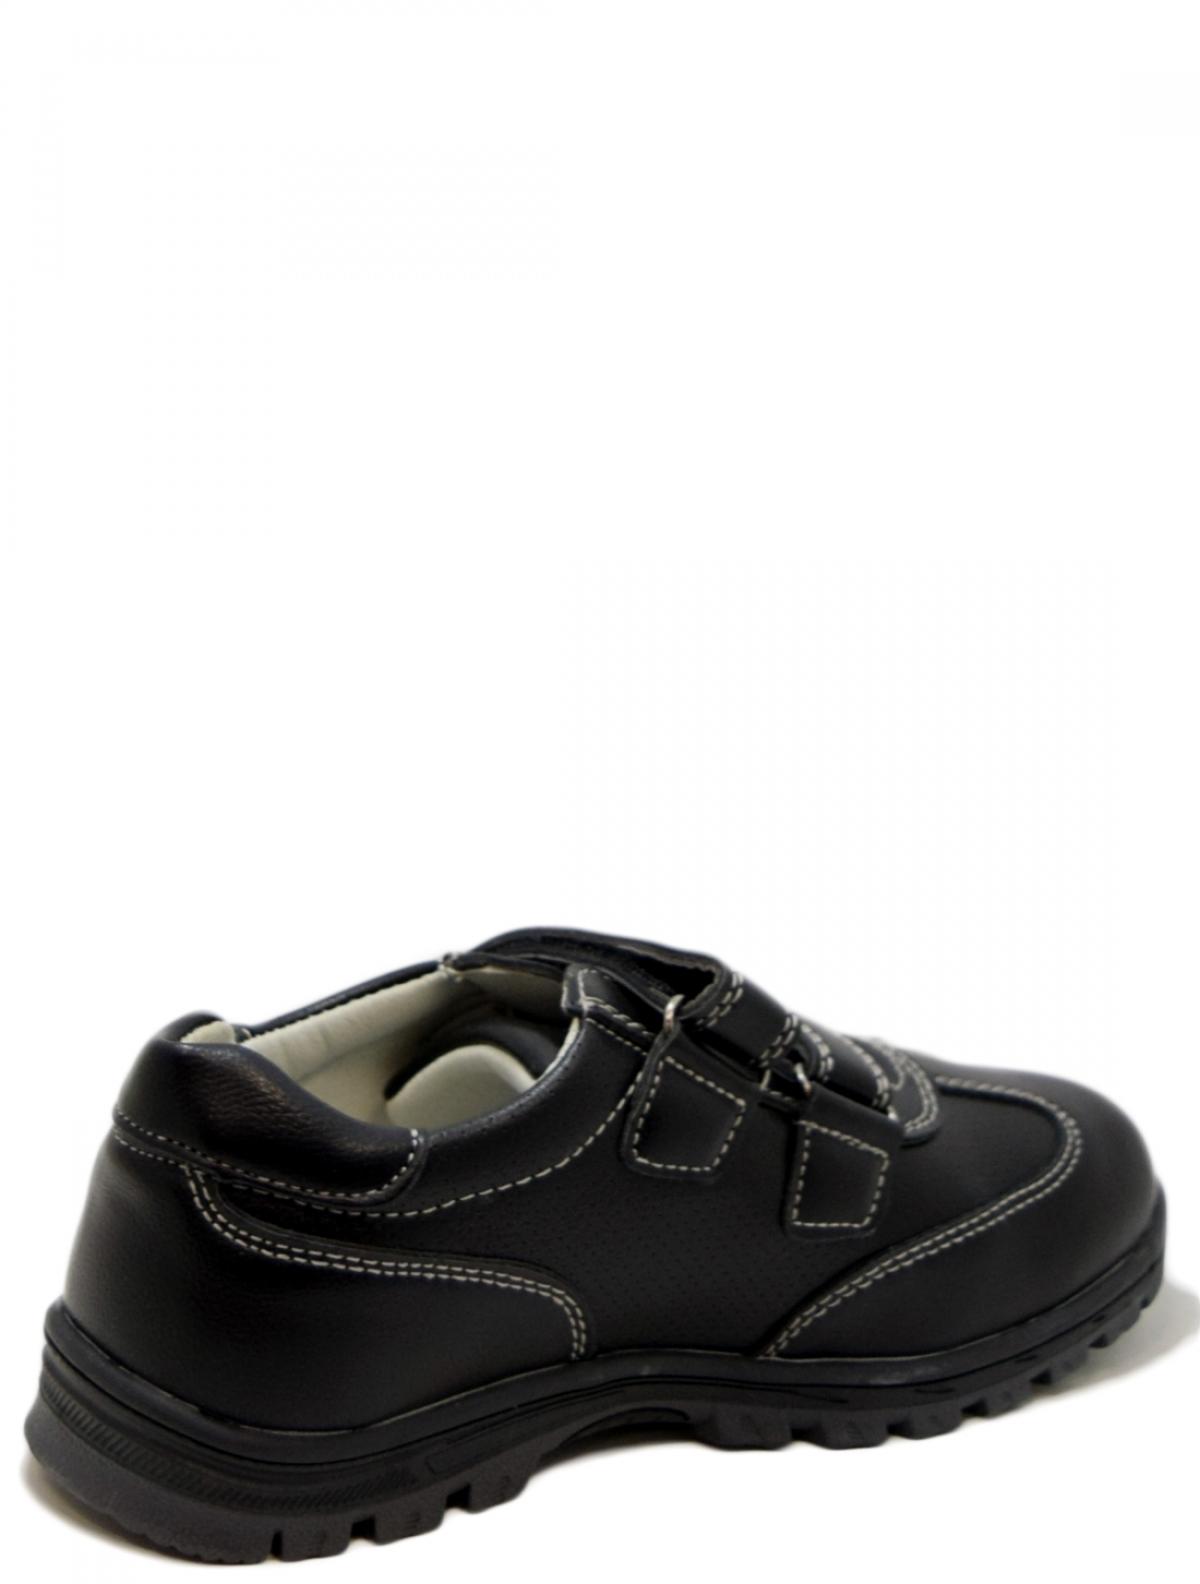 Сказка R030534453 туфли для мальчика